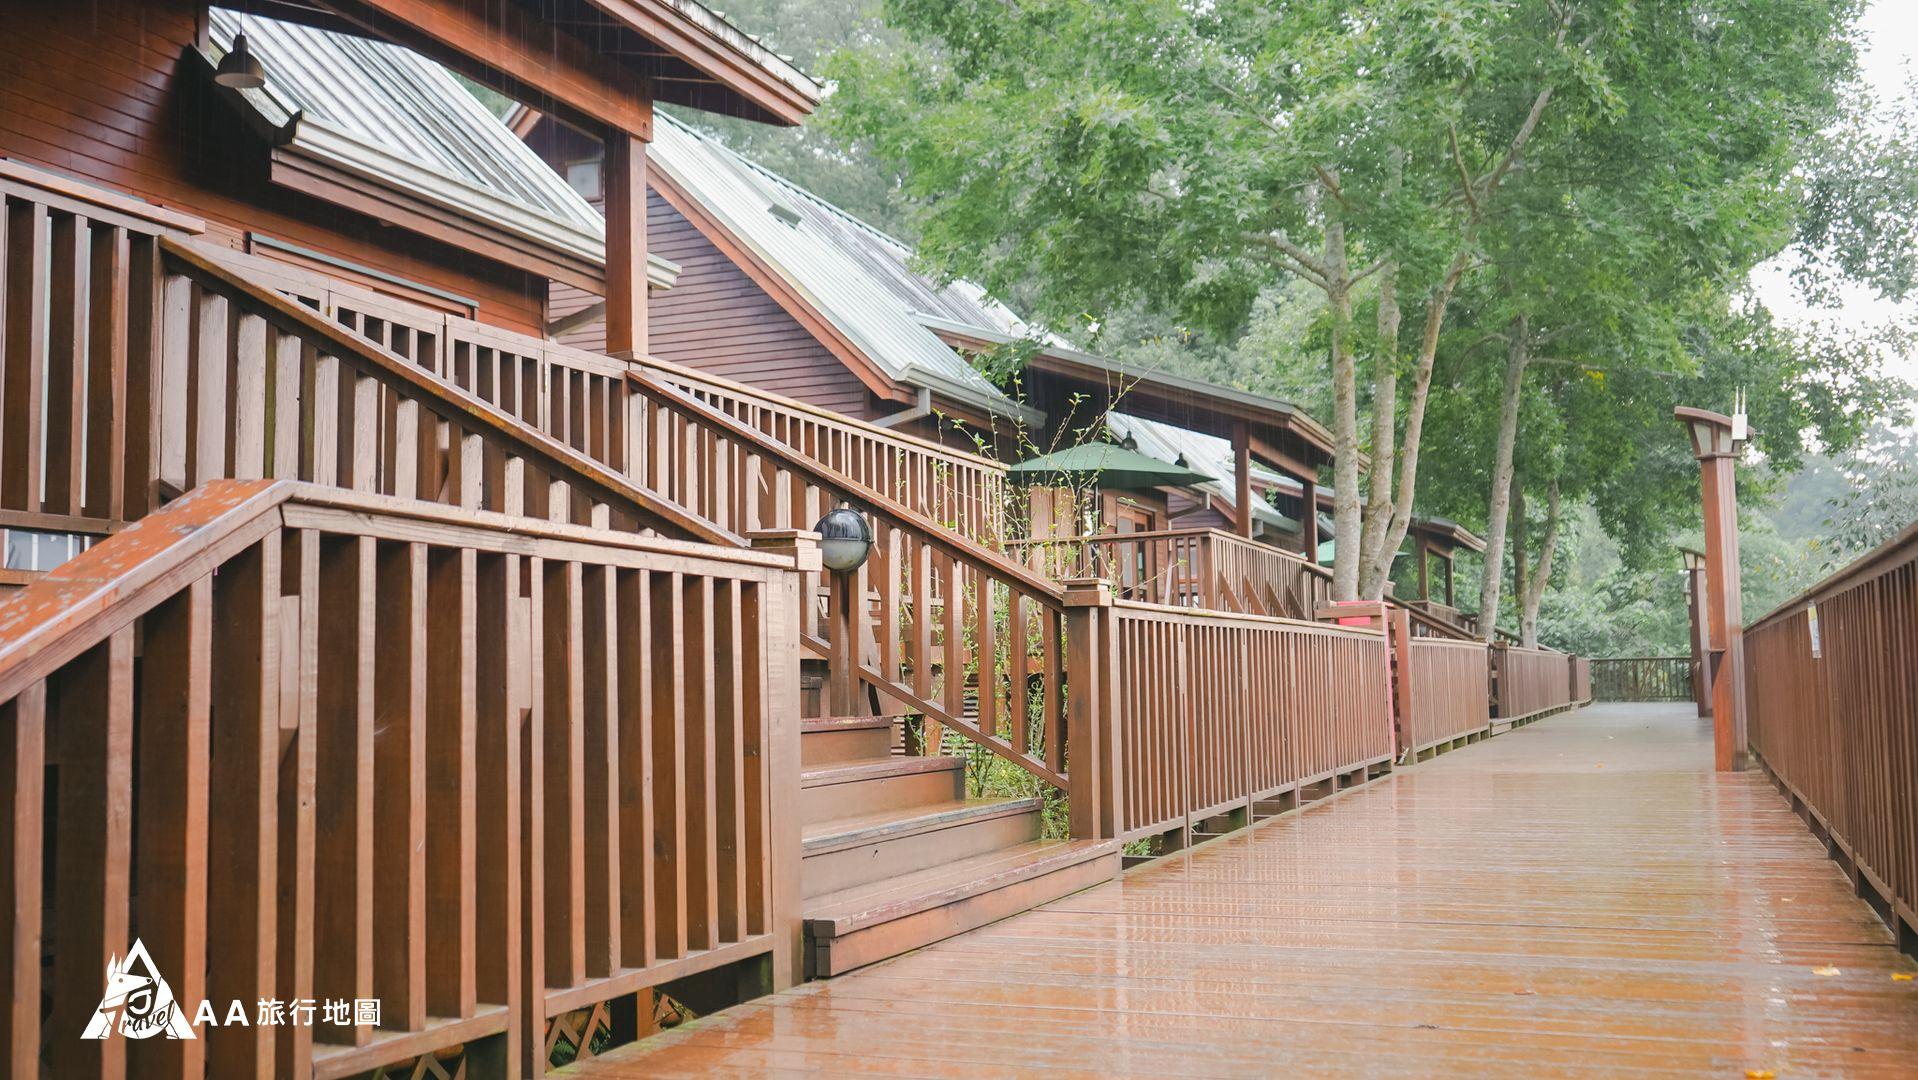 鳳凰亭序 下雨的時候拍走路的長走廊也別有一番風味